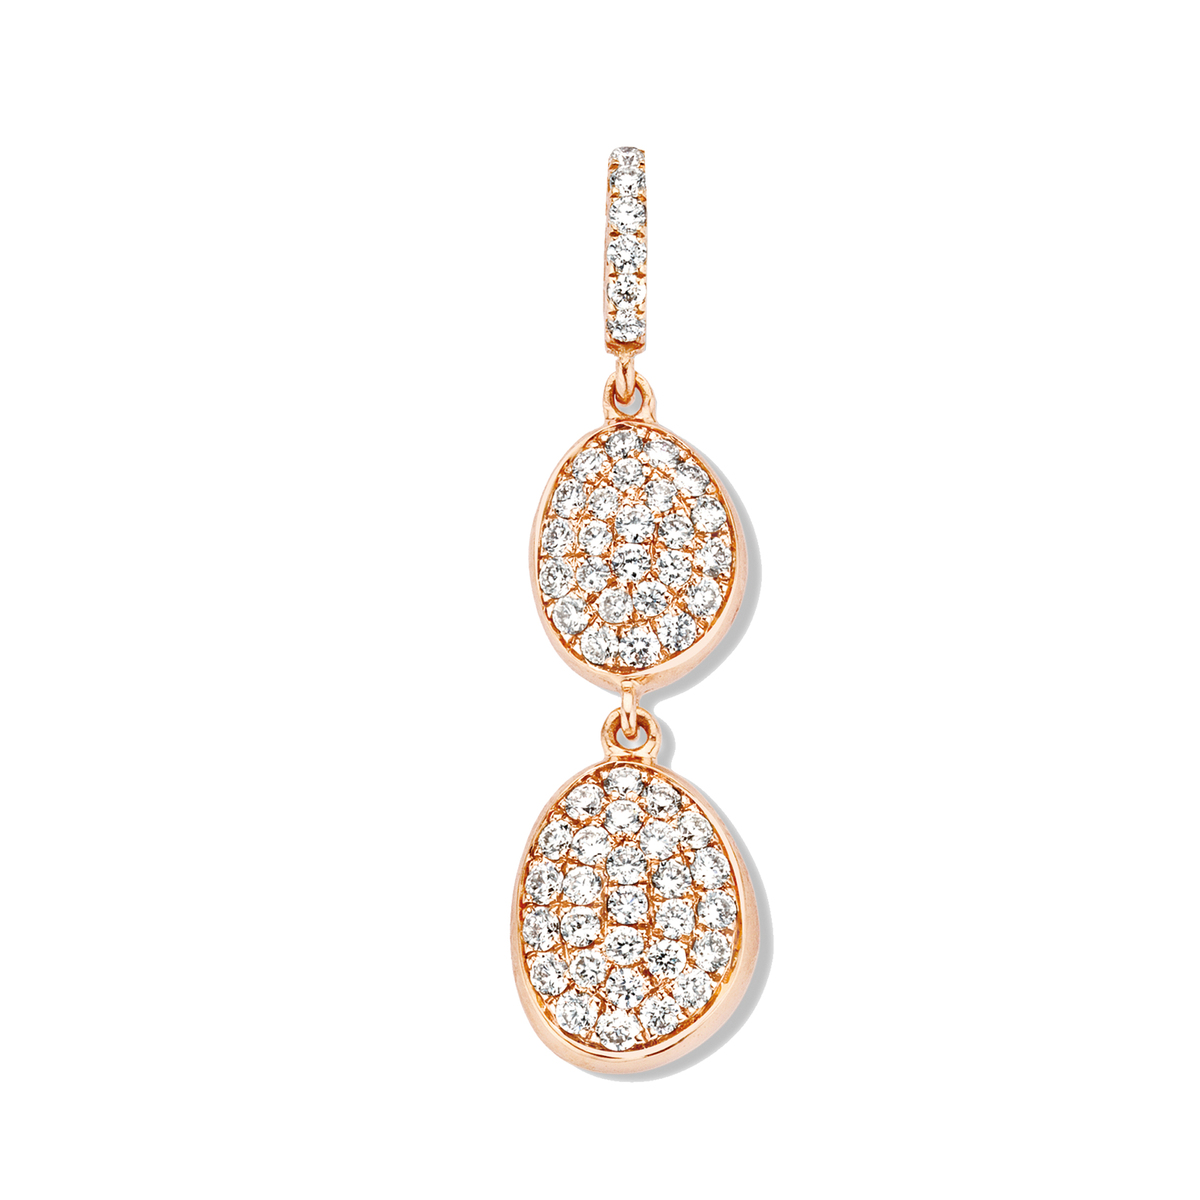 vulsini pendant in rose gold